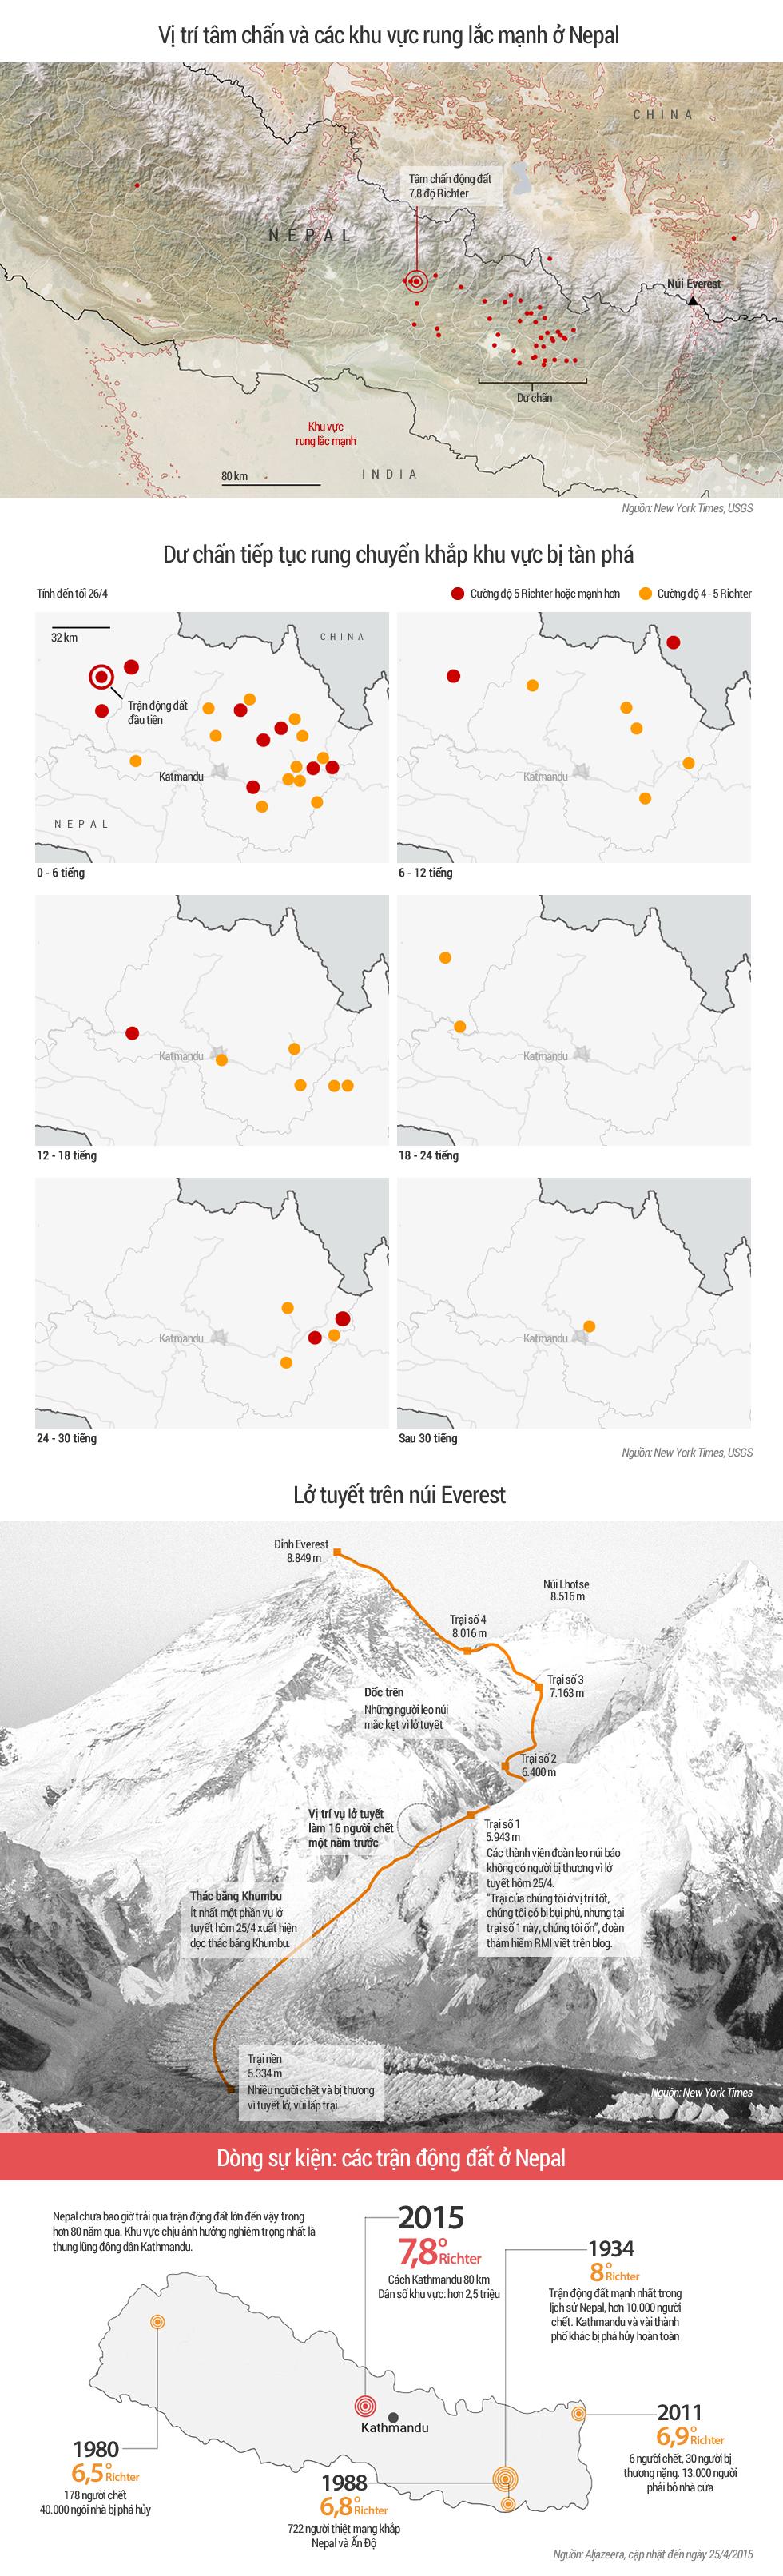 Diễn biến động đất và lở tuyết ở Nepal